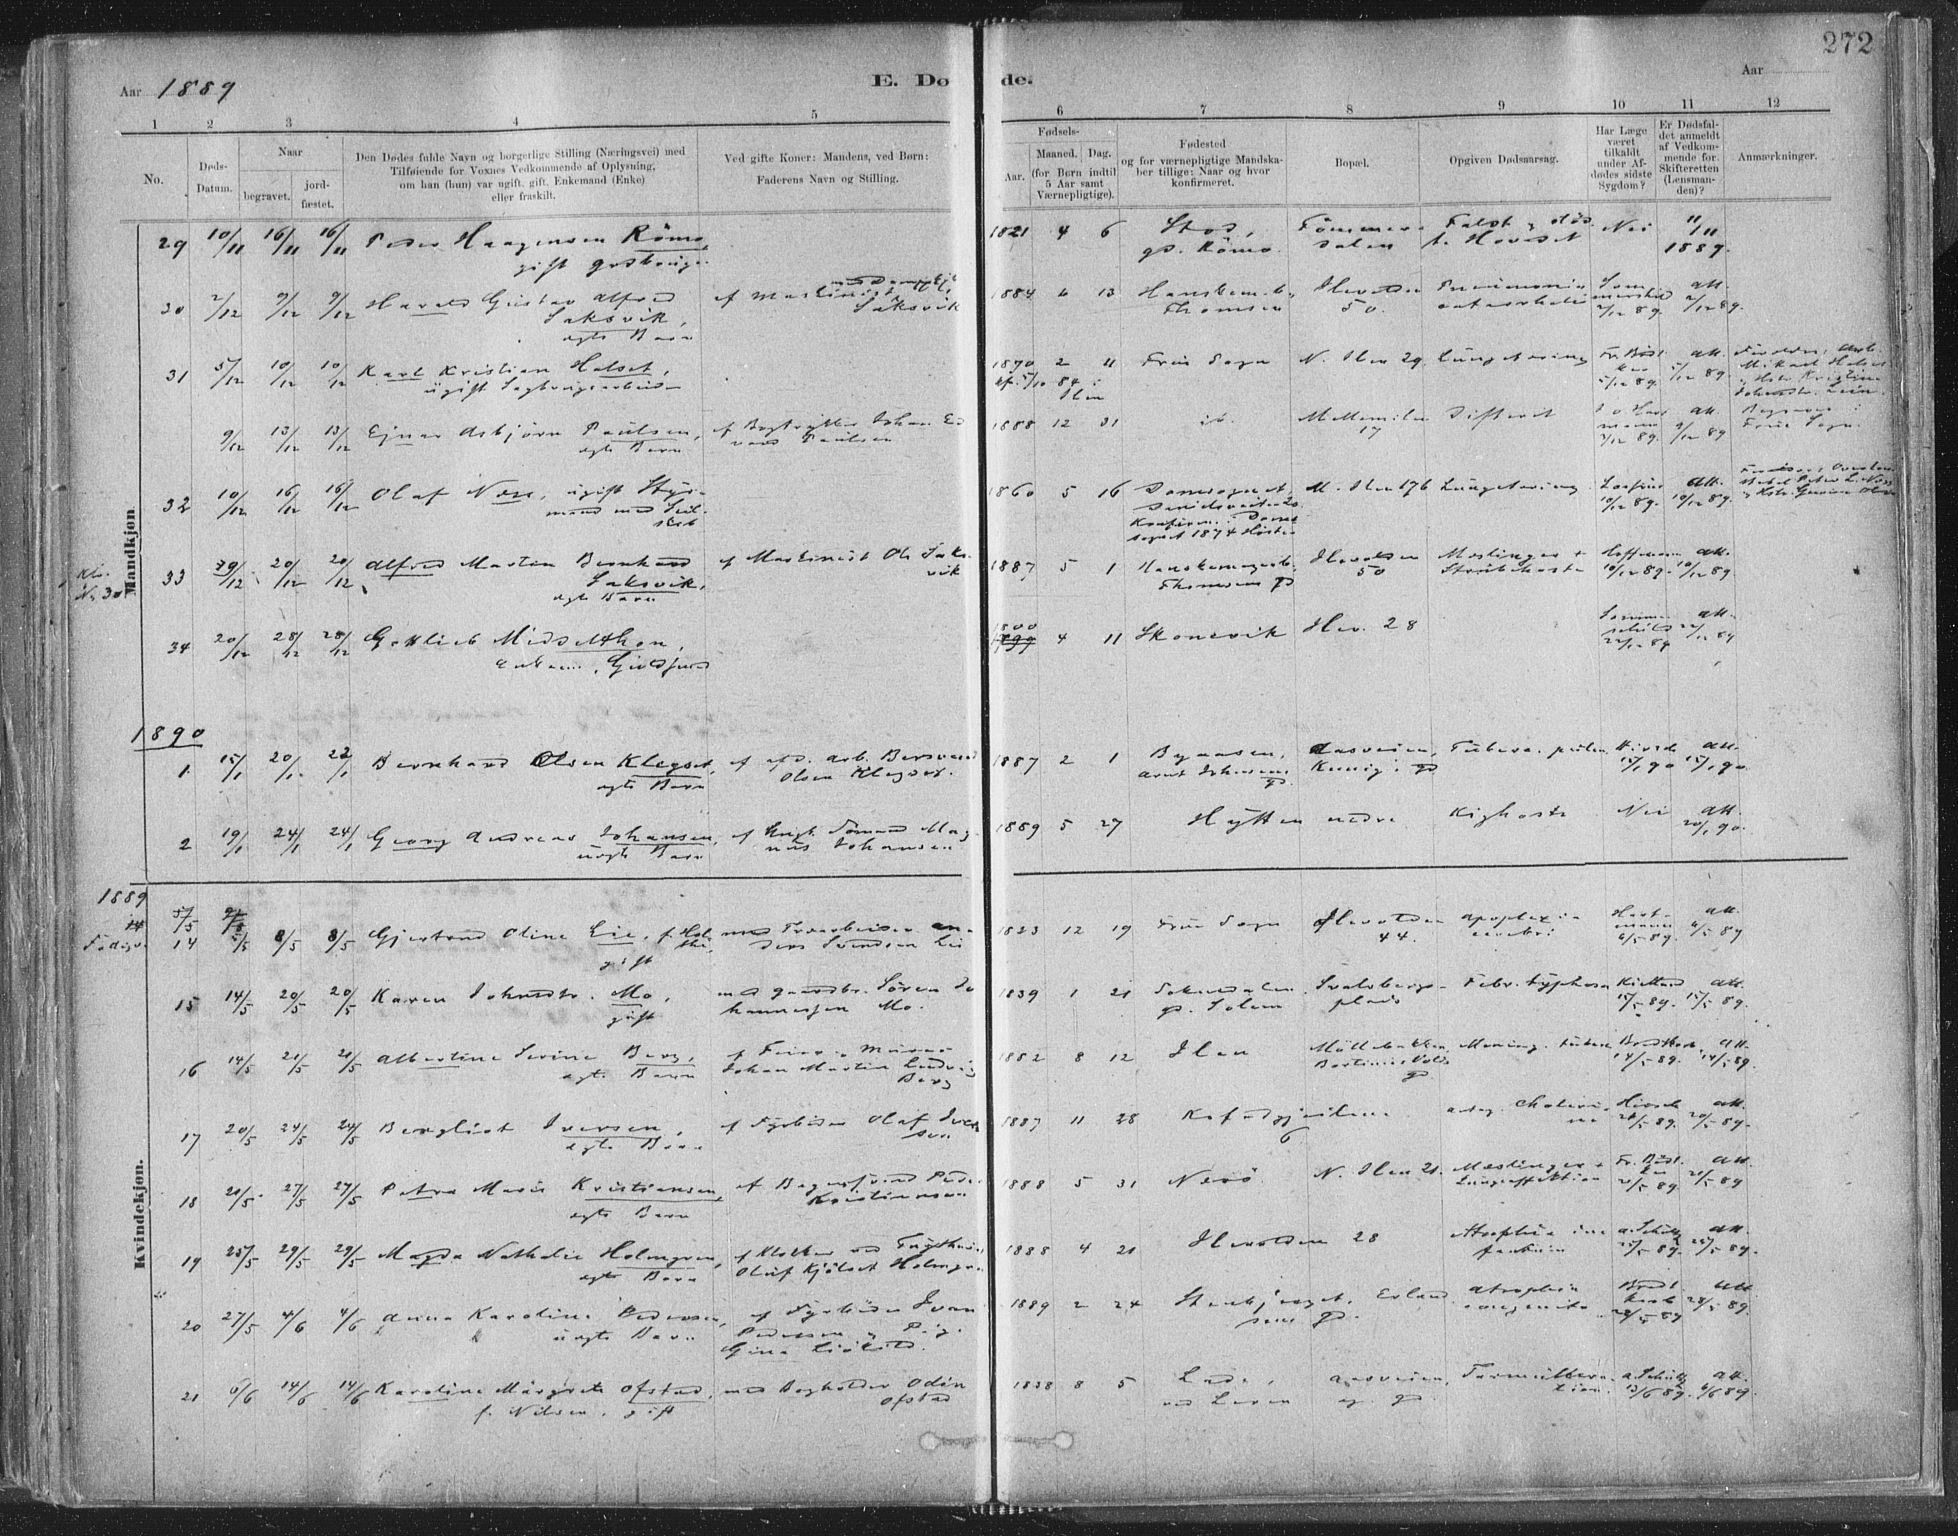 SAT, Ministerialprotokoller, klokkerbøker og fødselsregistre - Sør-Trøndelag, 603/L0162: Ministerialbok nr. 603A01, 1879-1895, s. 272